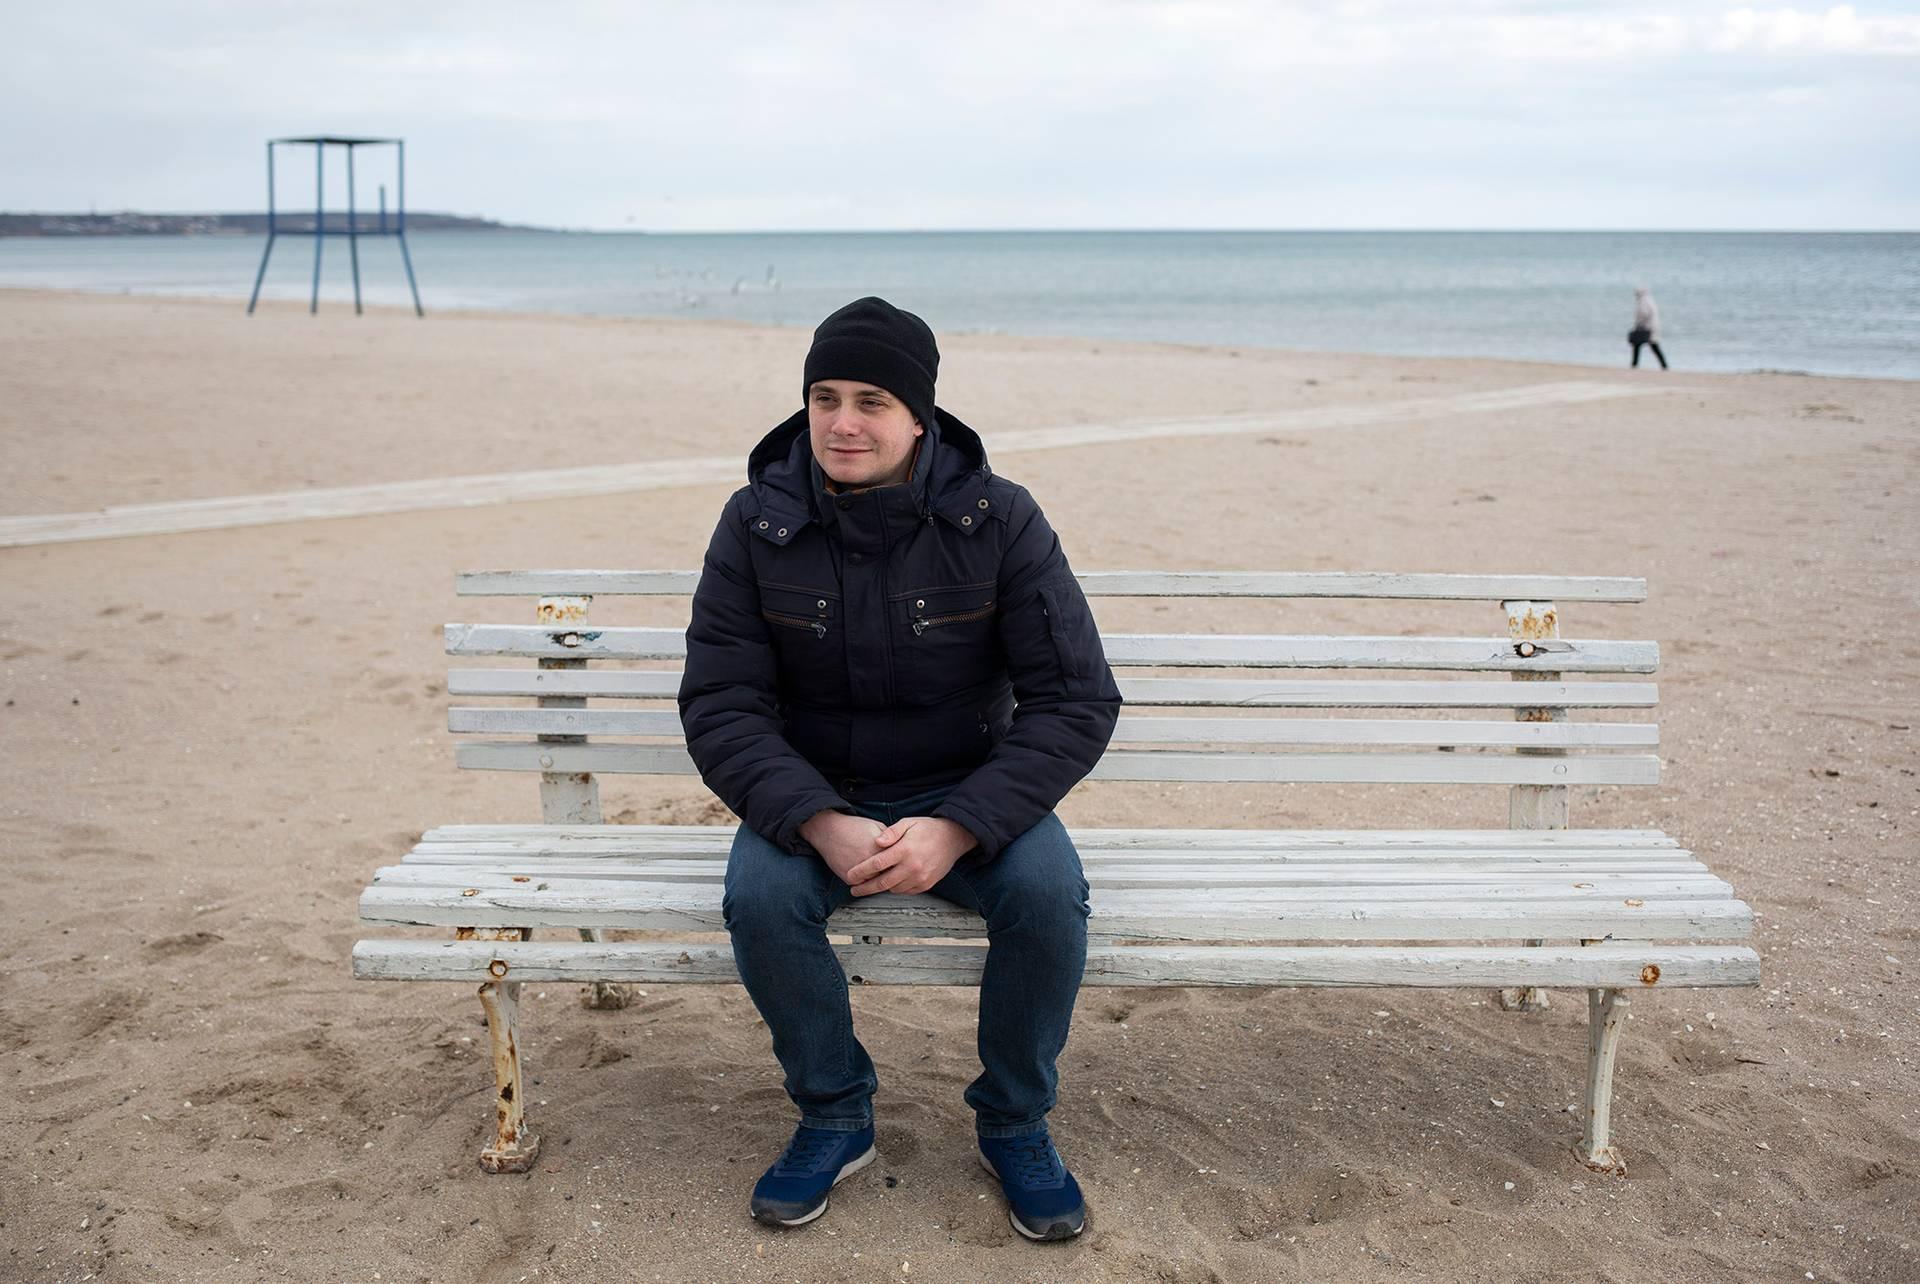 Павло Гладченко на прогулянці в Одесі, 2 березня 2019 року